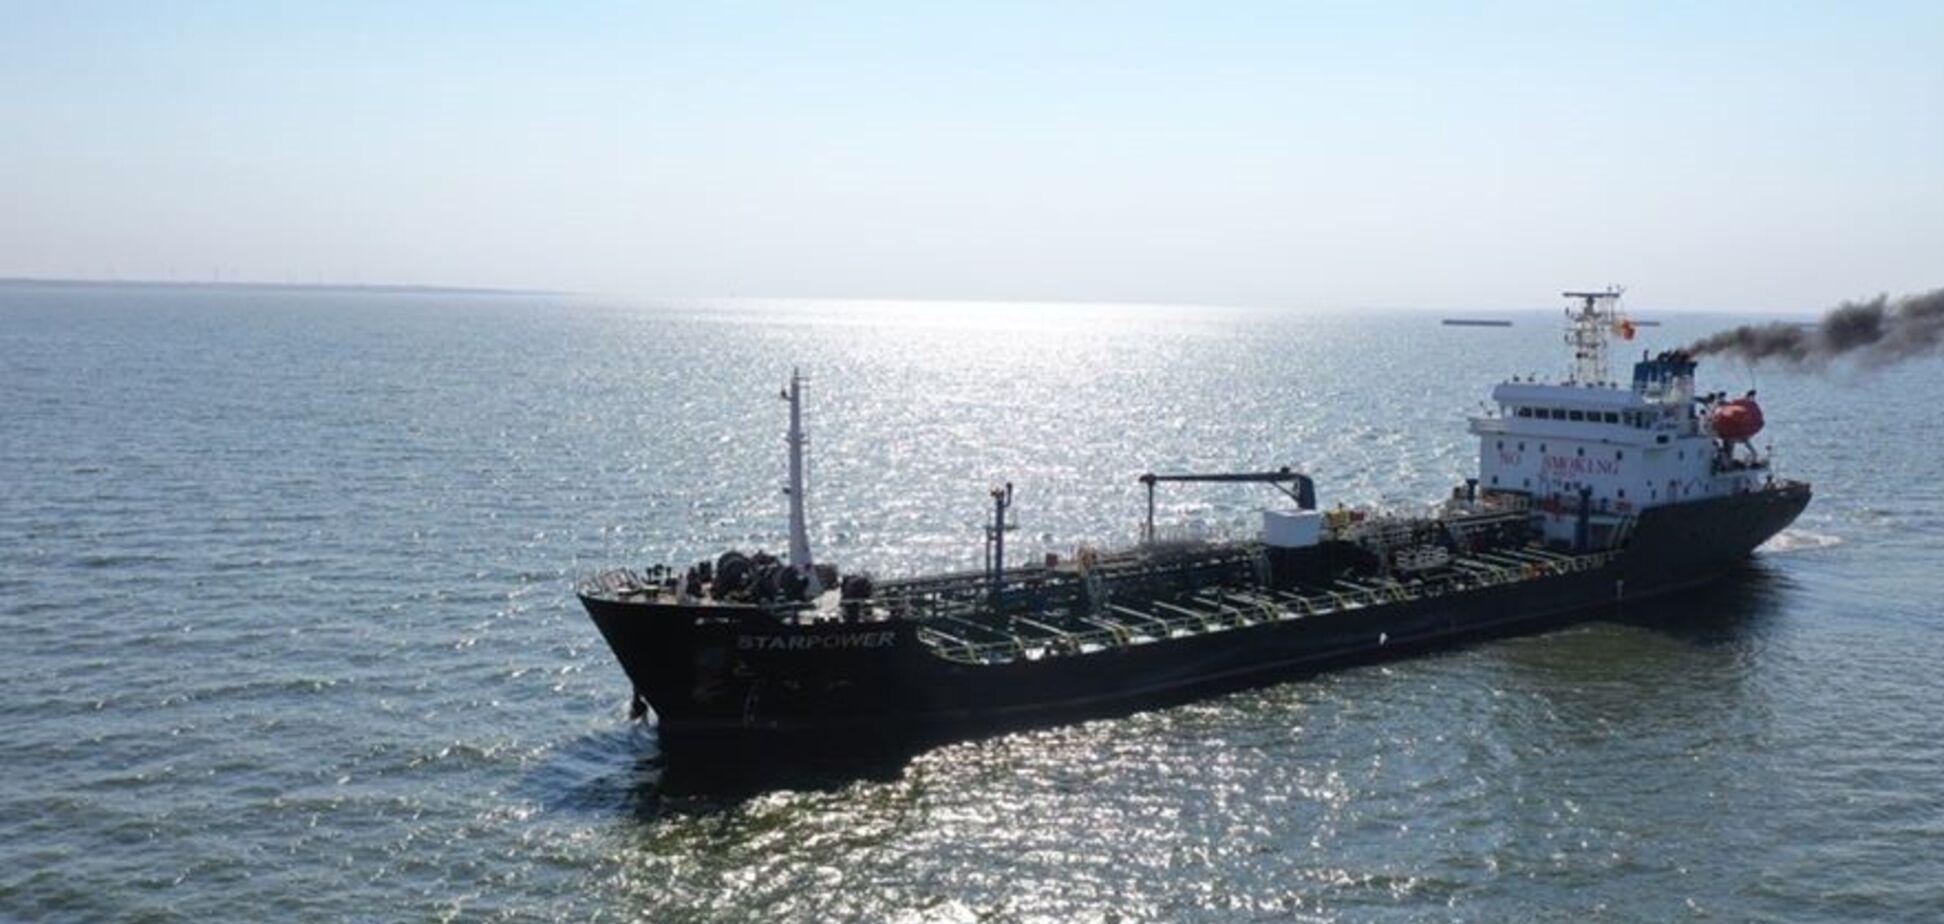 В Очаков пришло судно с 3,5 тыс. тонн битума для 'Великого будівництва'